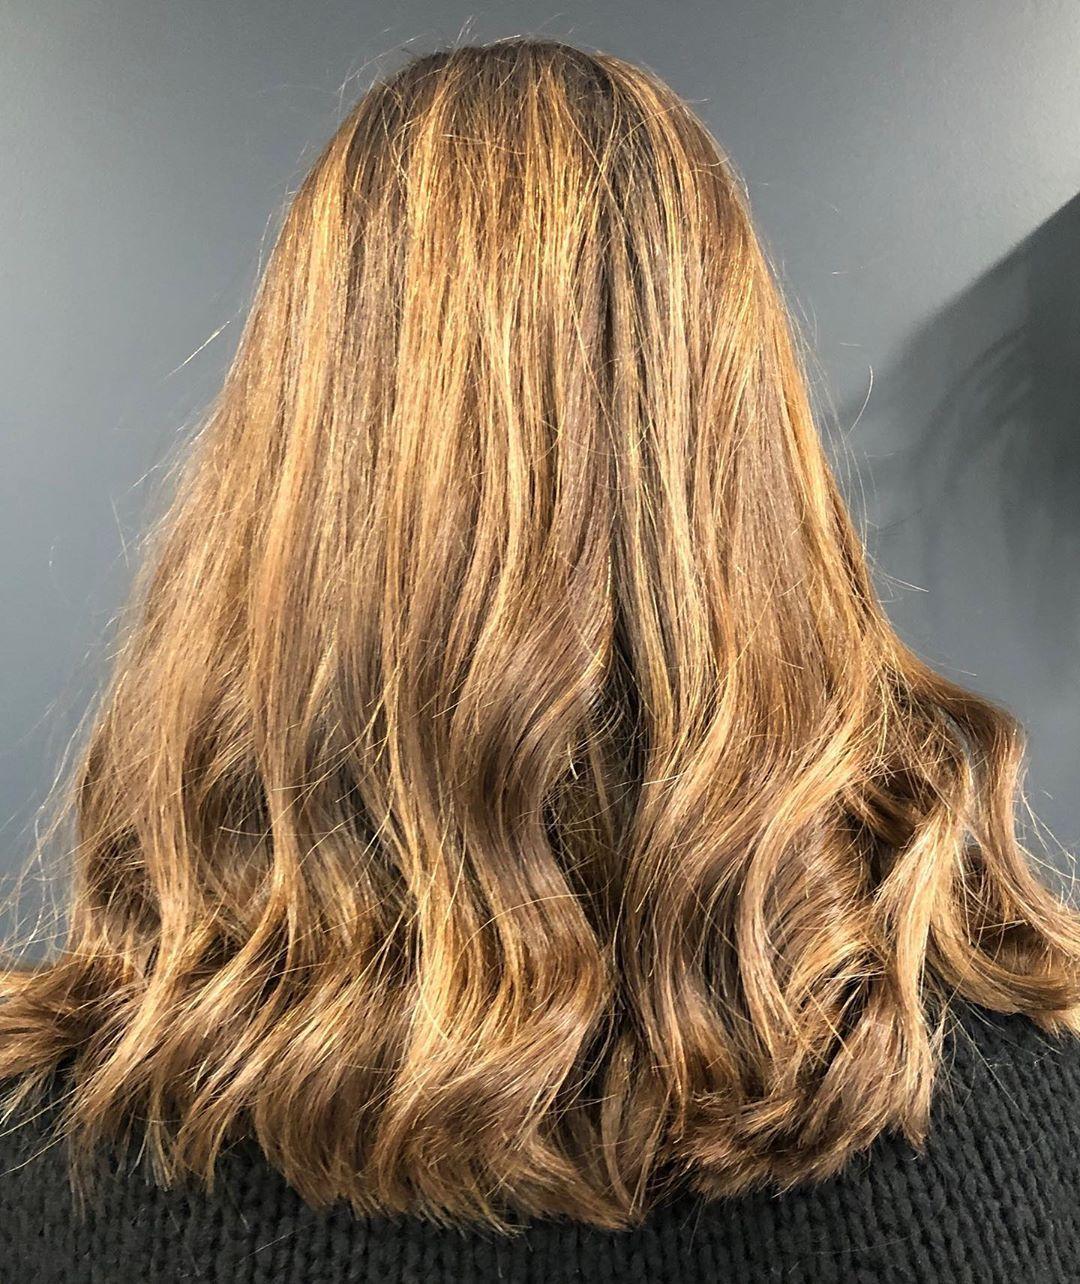 Illumination Pour Sixtine Bour 0898 Realise Par Emilieconchon Chez Stephan Coiffure Dremillafage Haircolor Idees Cheveux Longs Coiffure Idees De Coiffures